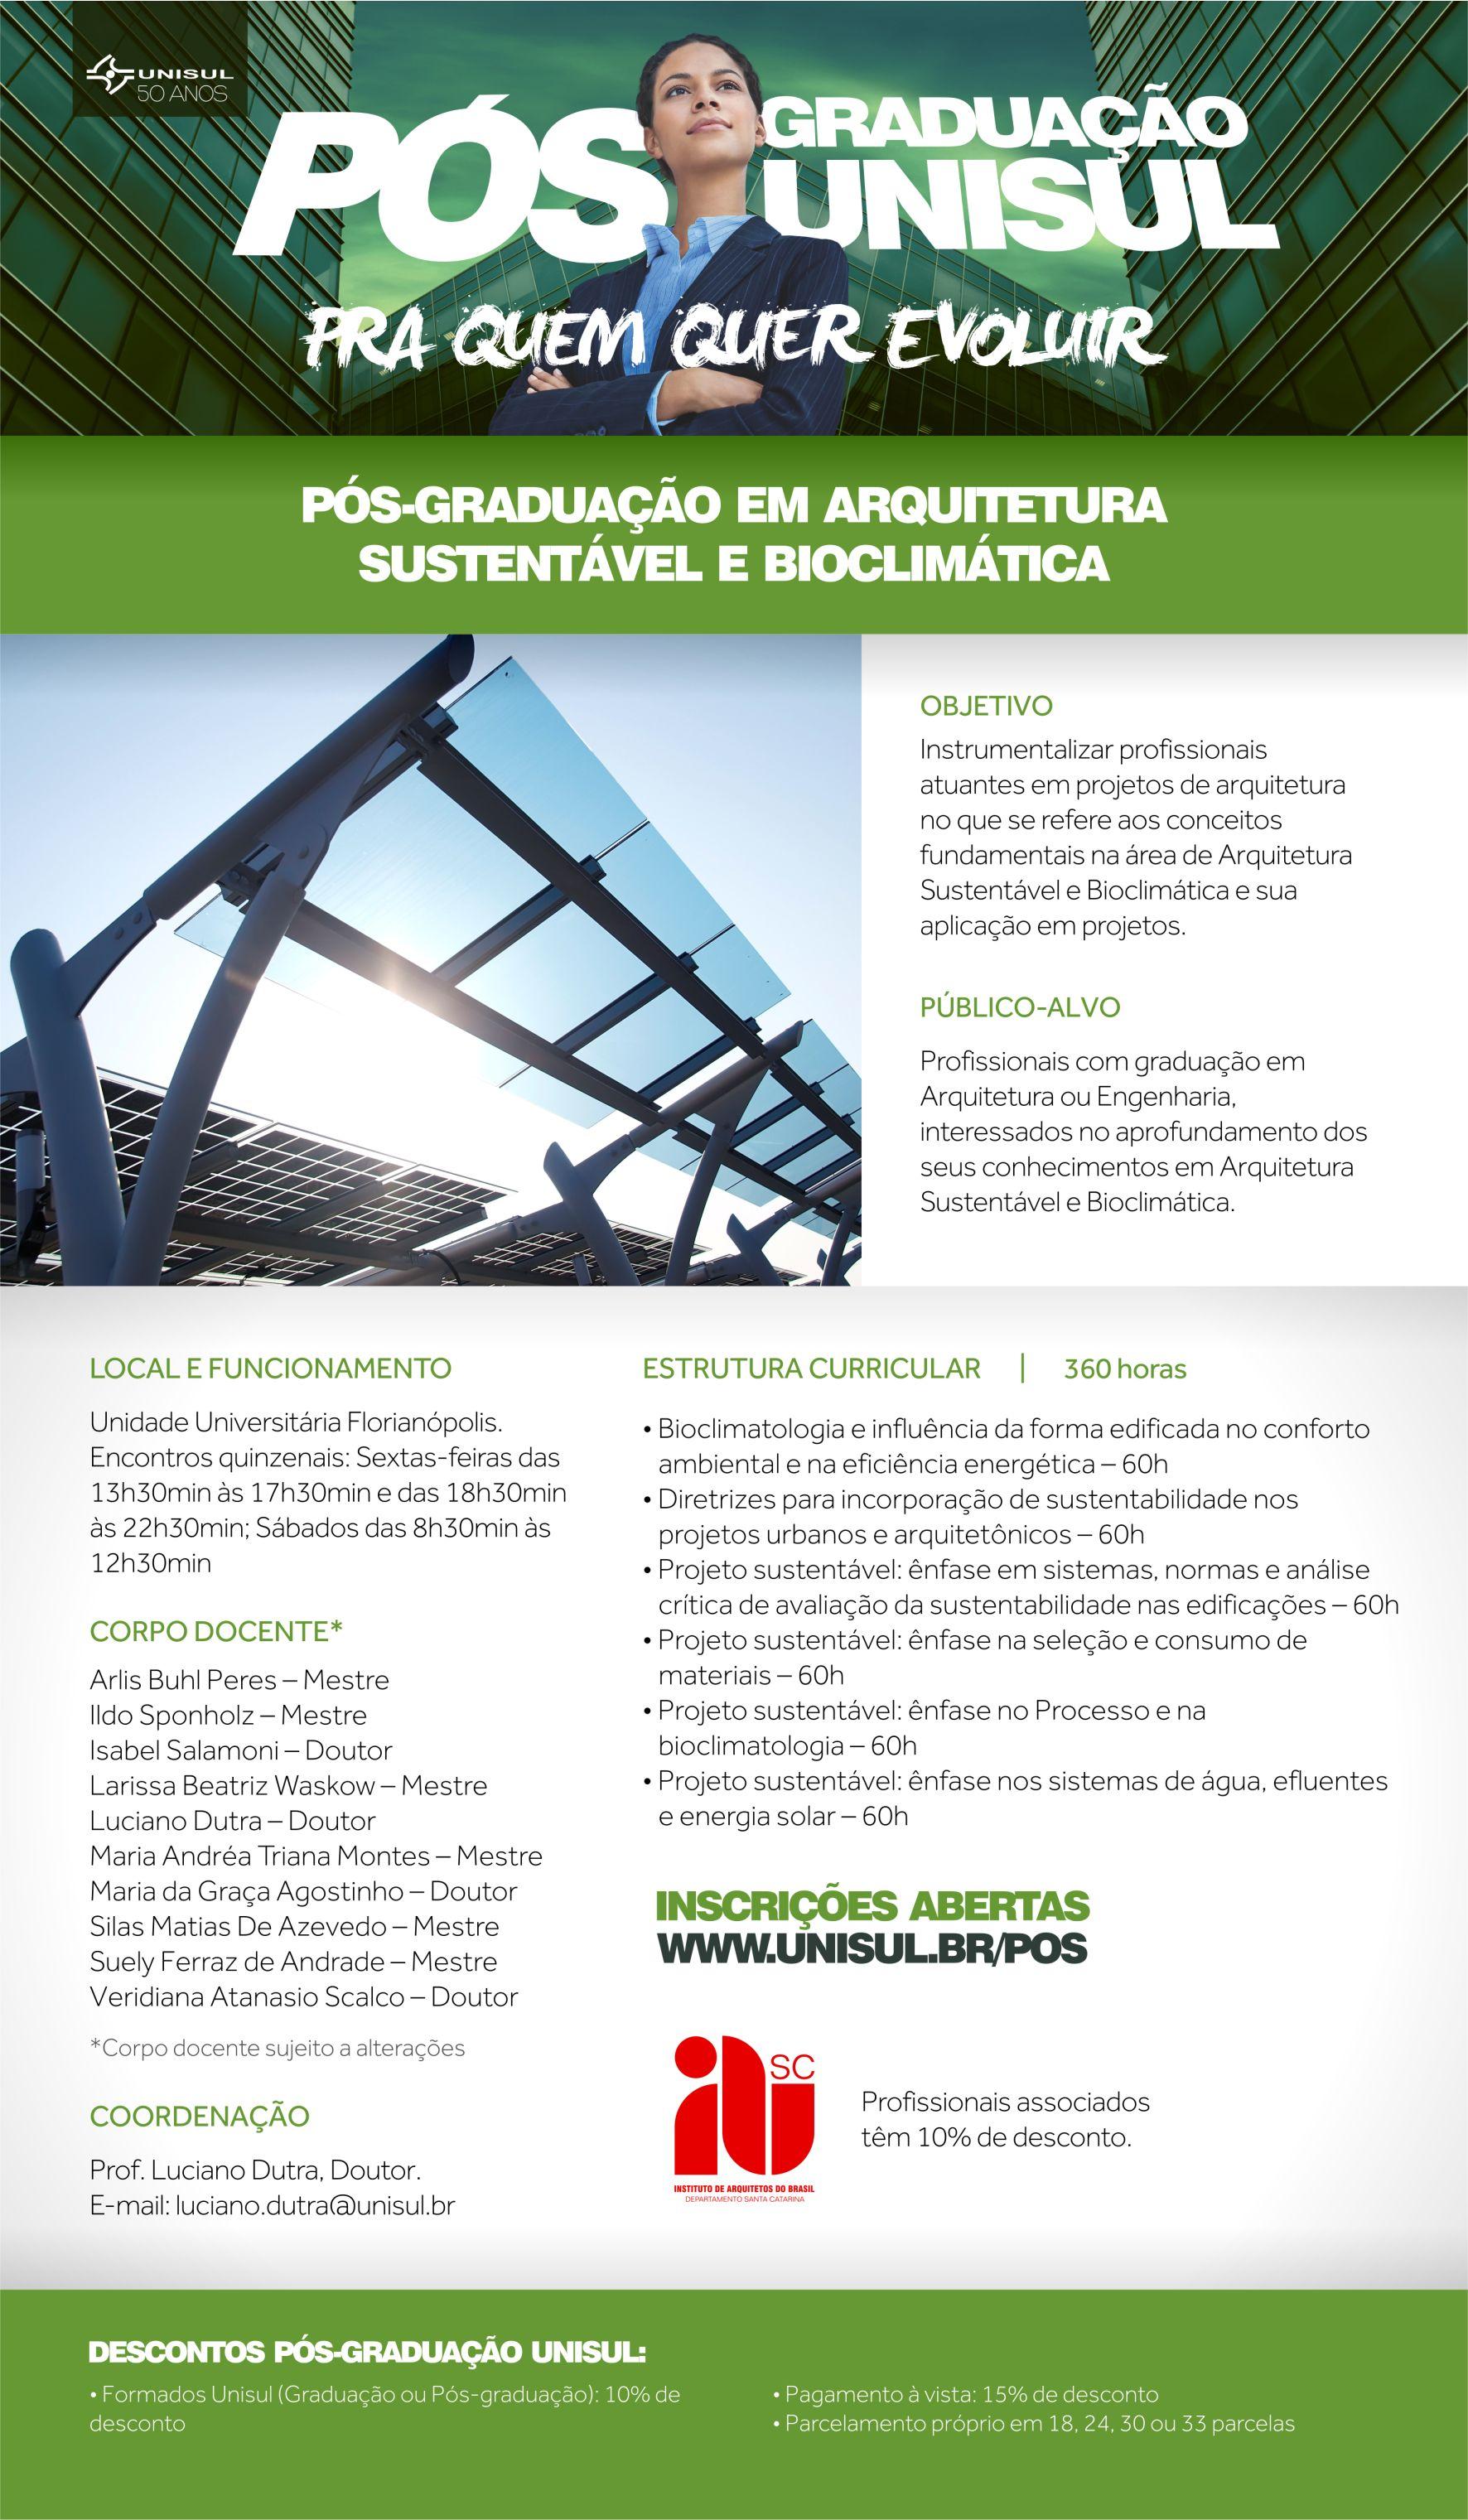 Arquitetura Sustentável e Bioclimática IAB